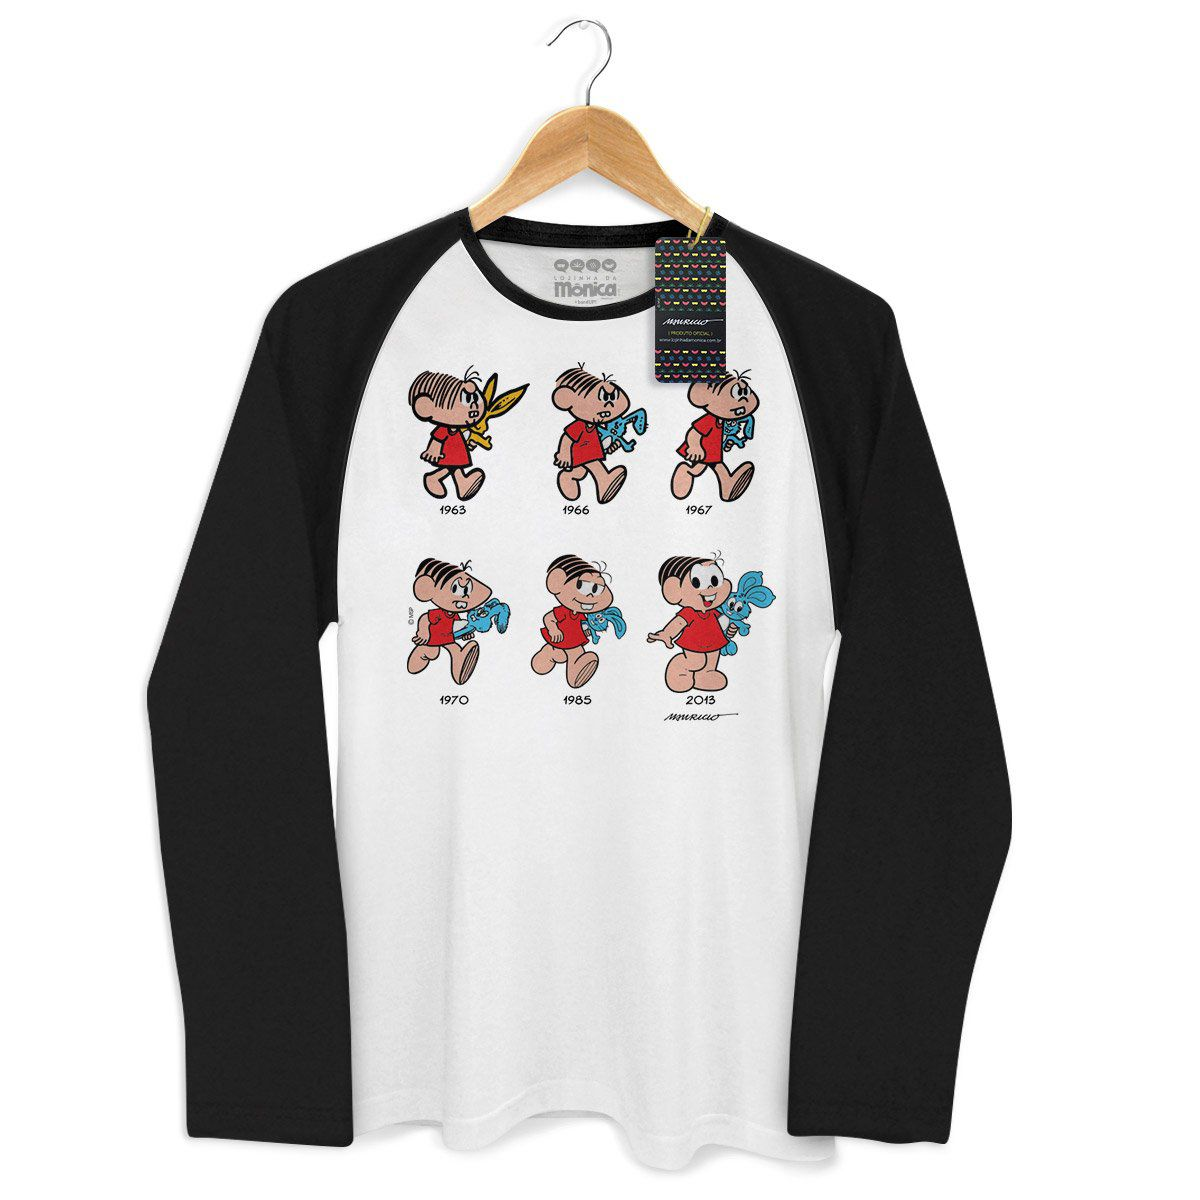 Camiseta Raglan Masculina Turma da Mônica 50 Anos Evolução Modelo 9